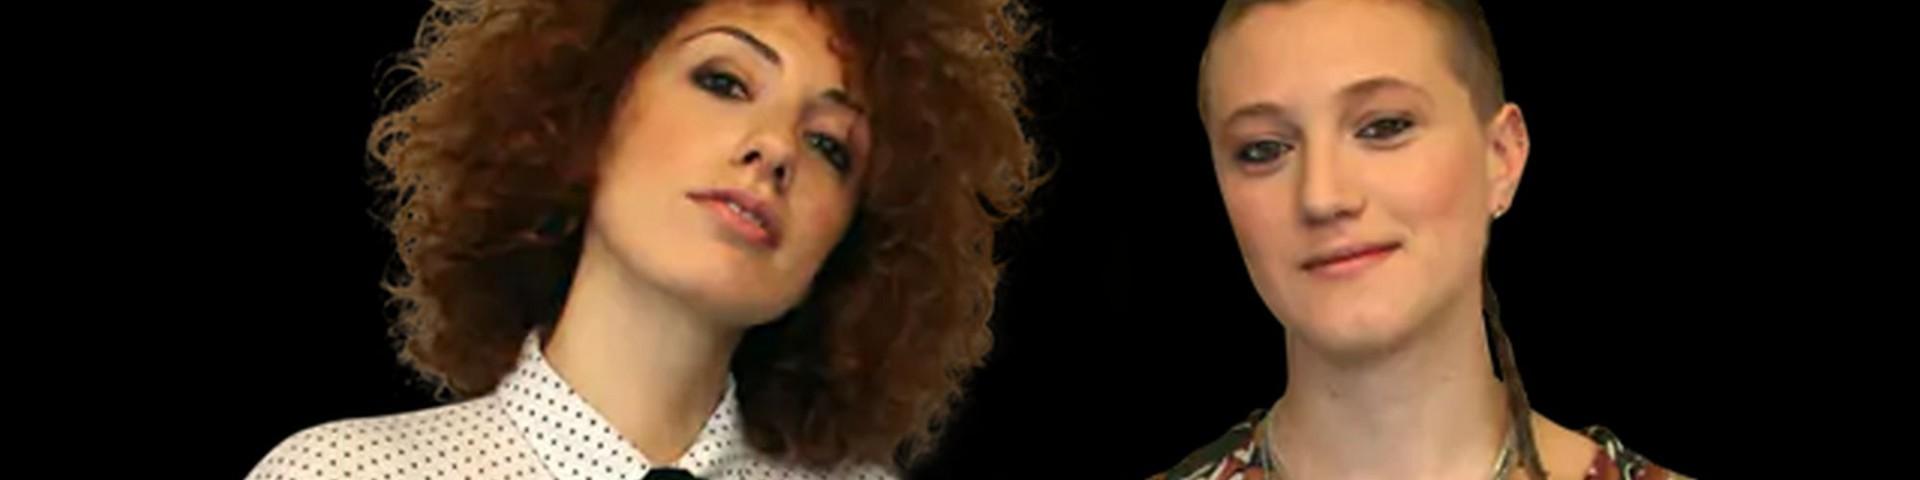 """Gabriella Martinelli e Lula a Sanremo 2020: """"Sarebbe bello un duetto con Piero Pelù"""" (Video)"""